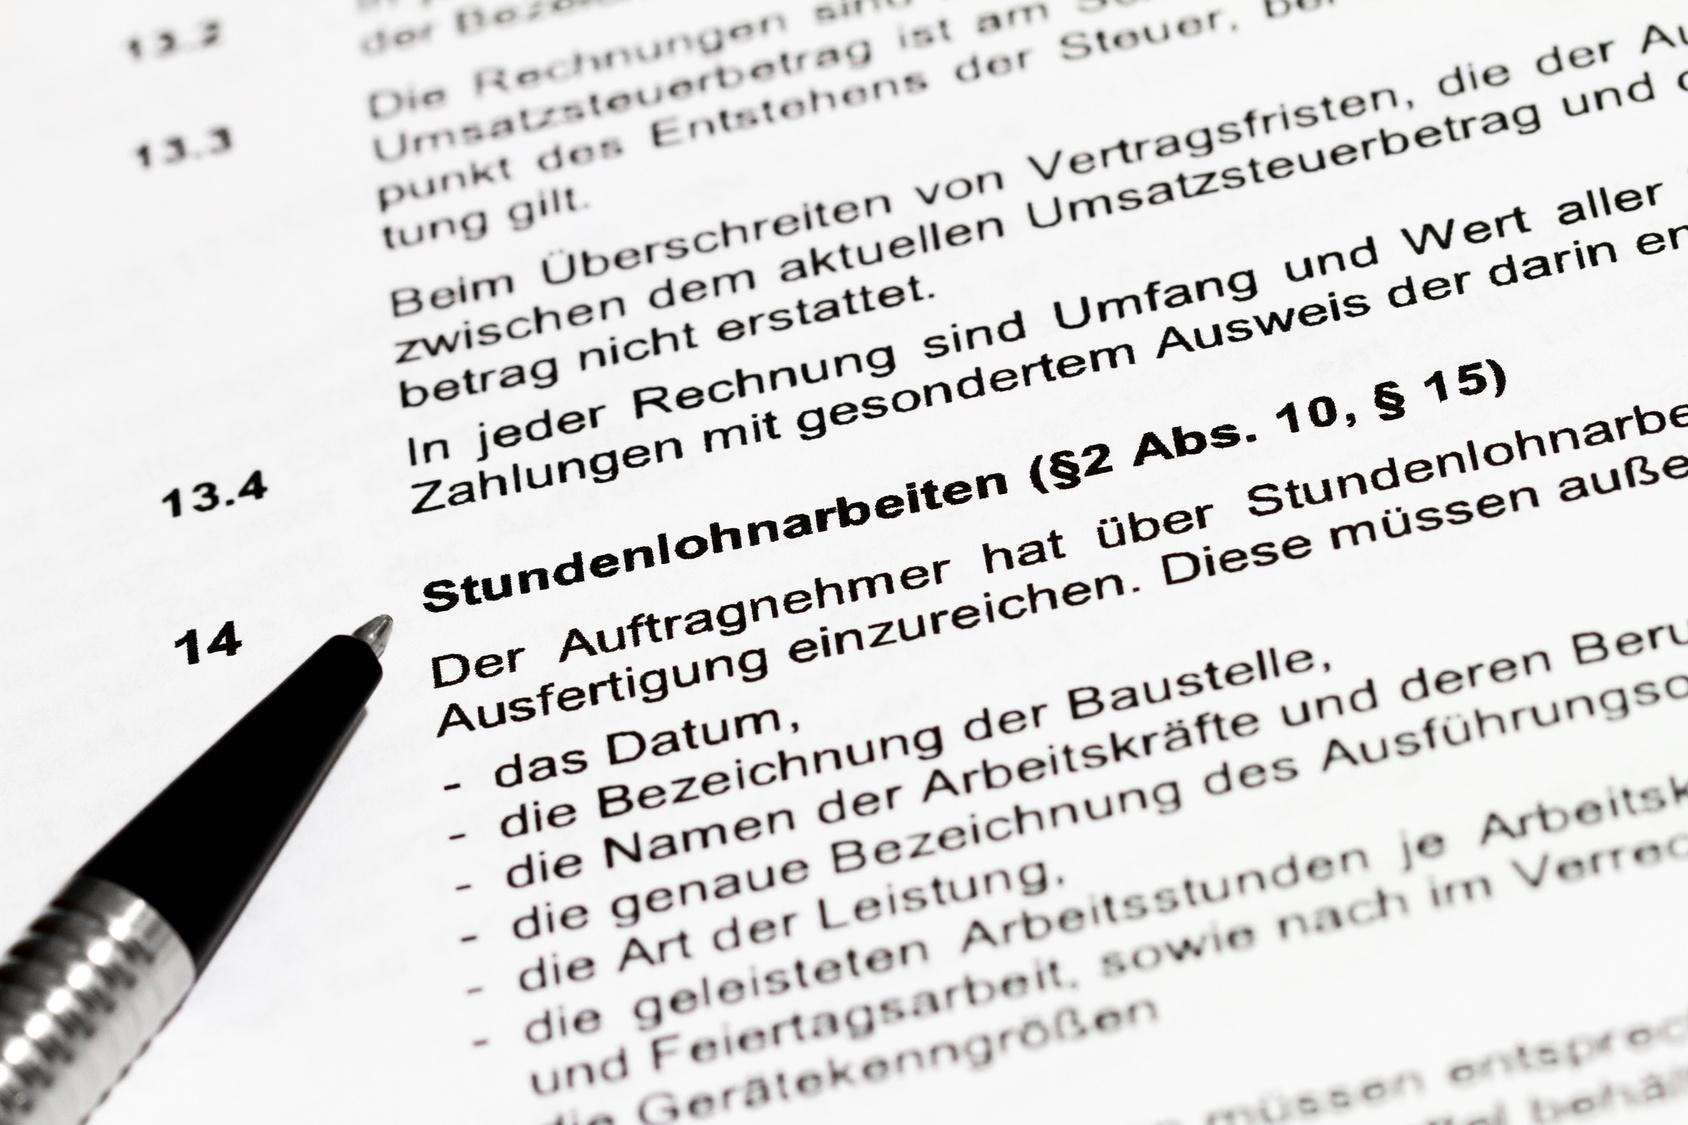 Ansprüche aus Auftrag / Dienstleistungsvertrag prüfen